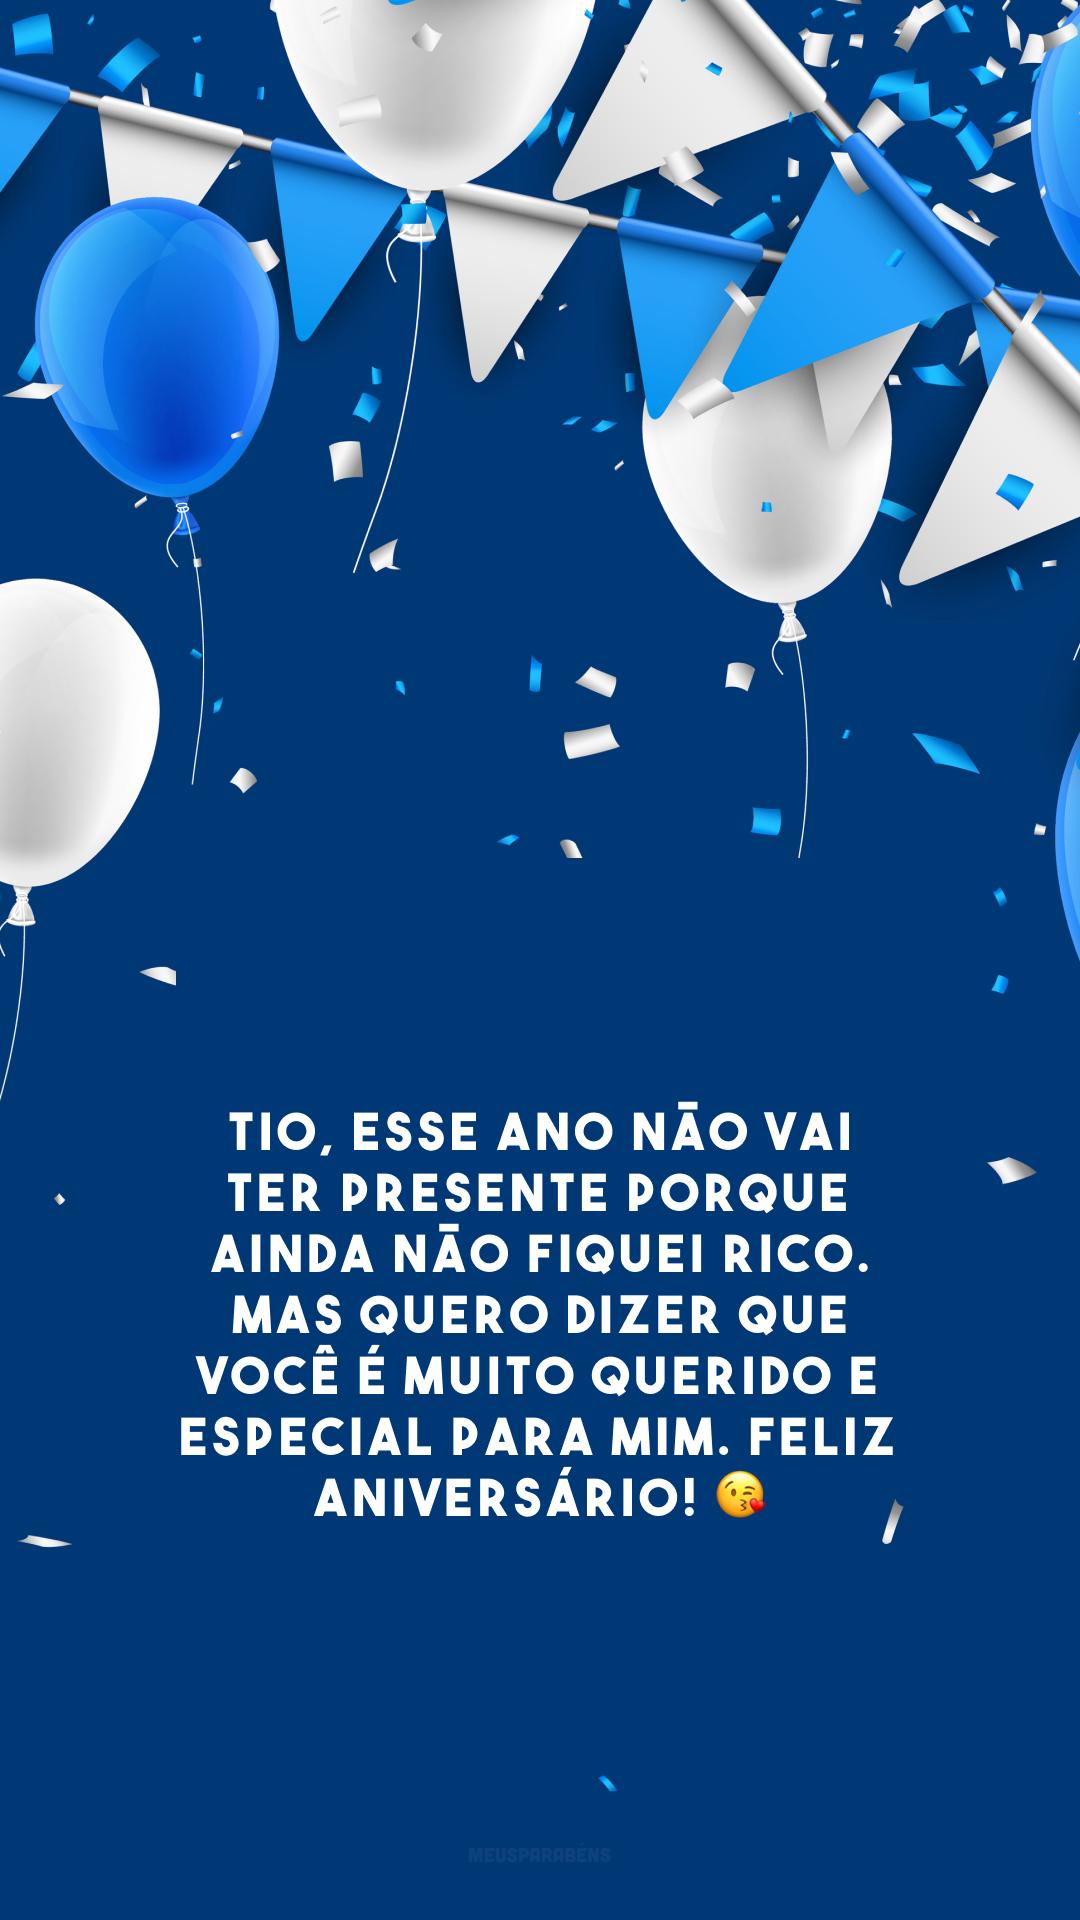 Tio, esse ano não vai ter presente porque ainda não fiquei rico. Mas quero dizer que você é muito querido e especial para mim. Feliz aniversário! 😘